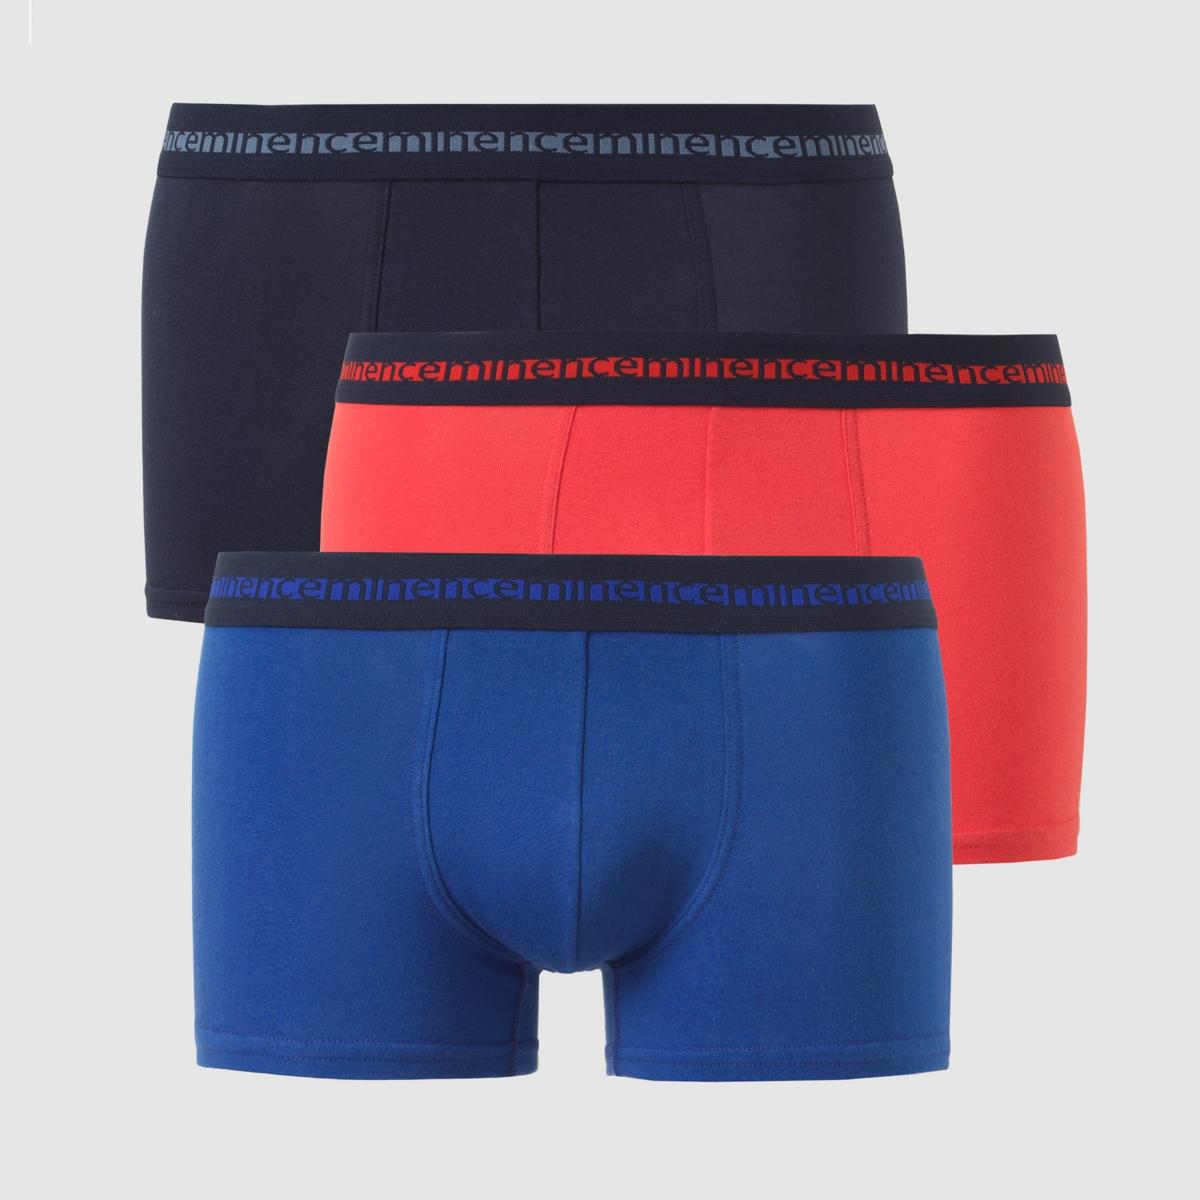 Комплект из 3 трусов-боксеров Morpho AdjustКомплект из 3 трусов-боксеров Morpho Adjust EMINENCE. Эластичный трикотаж, 90% хлопка, 10% эластана. Эластичный пояс. Передняя часть на подкладке.В комплекте 3 трусов.<br><br>Цвет: темно-синий + красный + синий